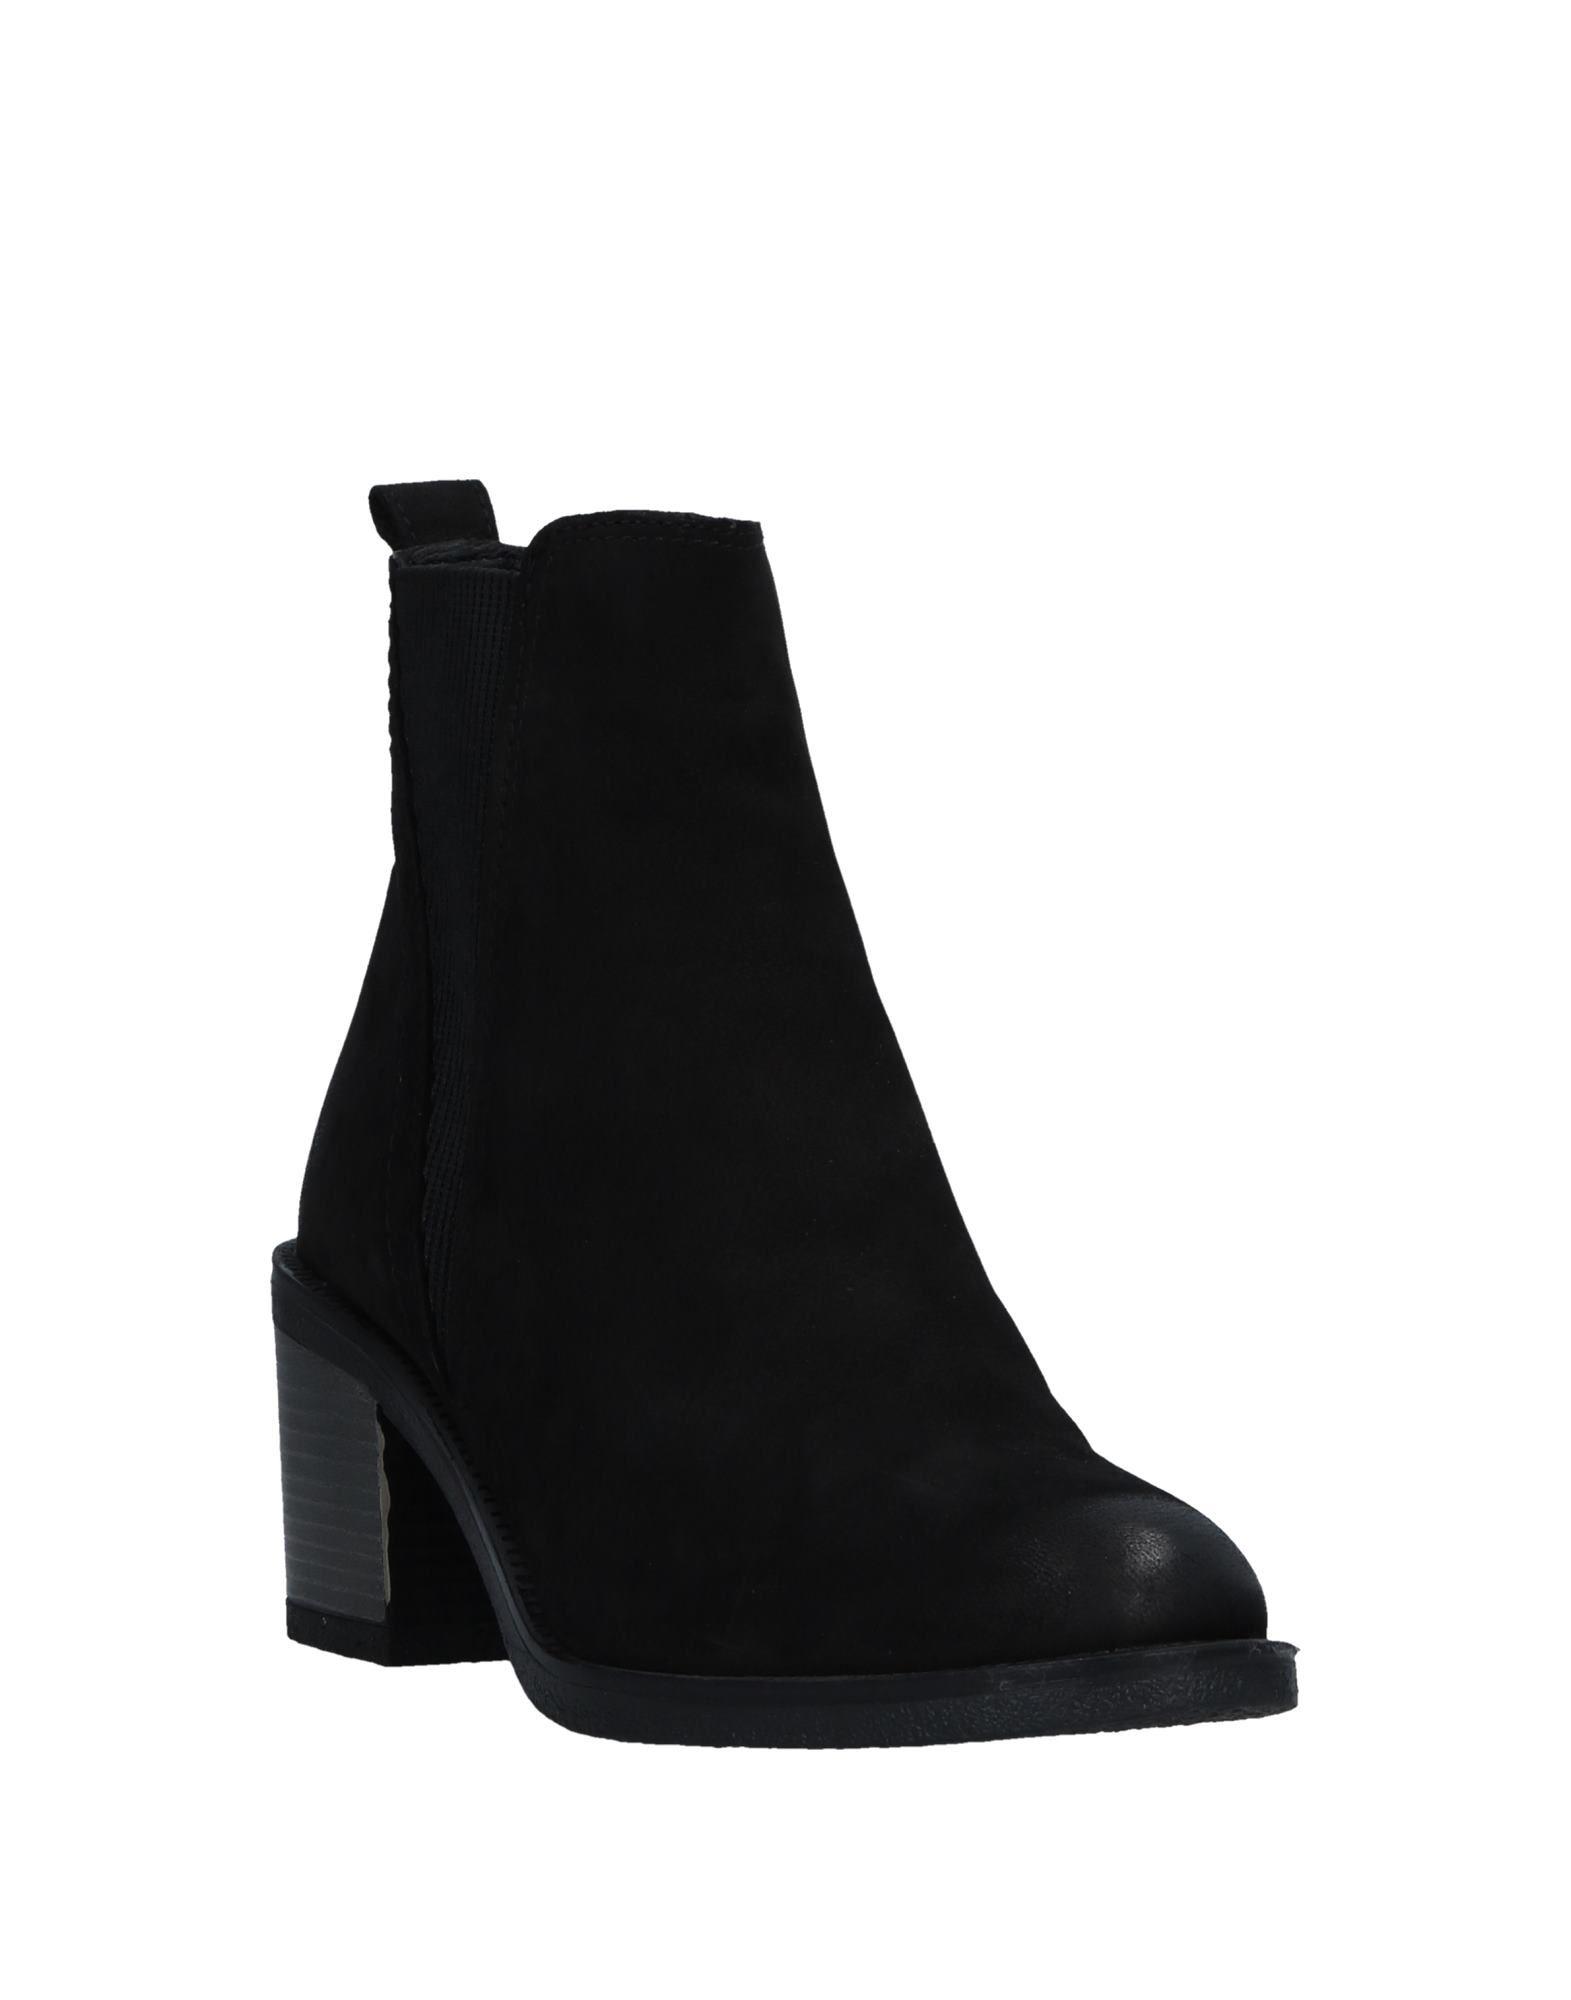 Gusto Stiefelette Damen beliebte  11520519HK Gute Qualität beliebte Damen Schuhe 469519